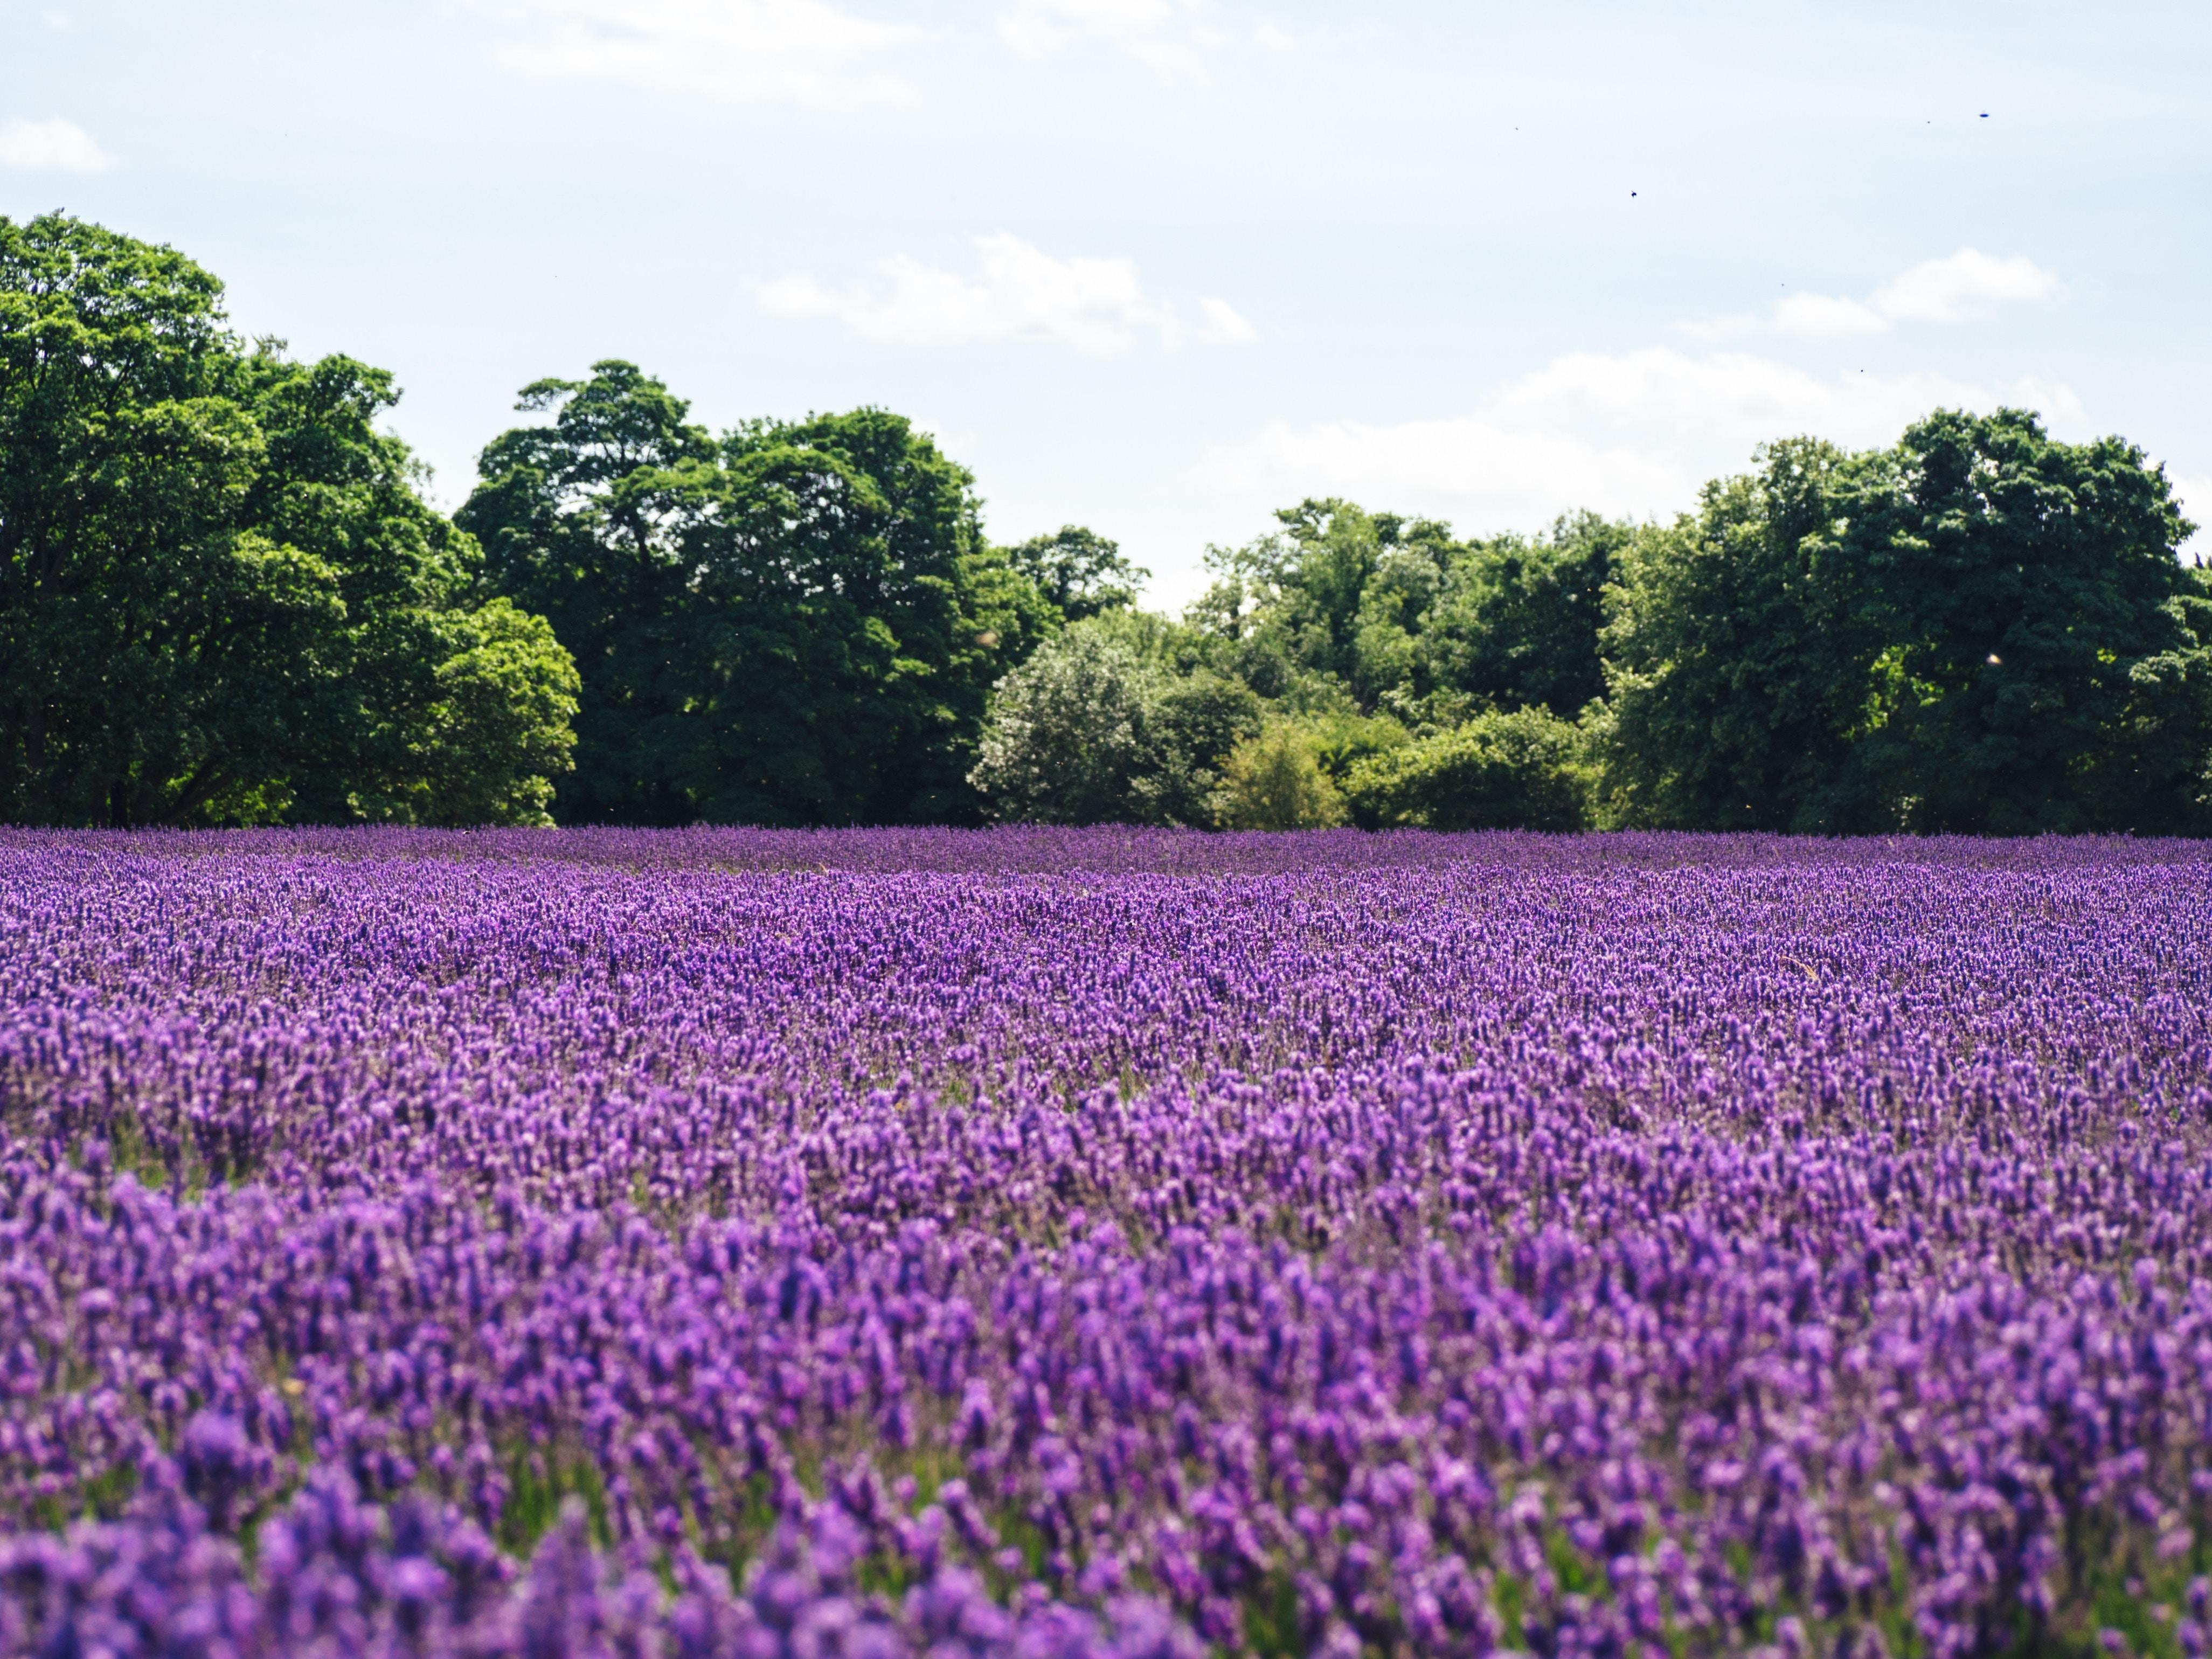 lavender flower field near green trees